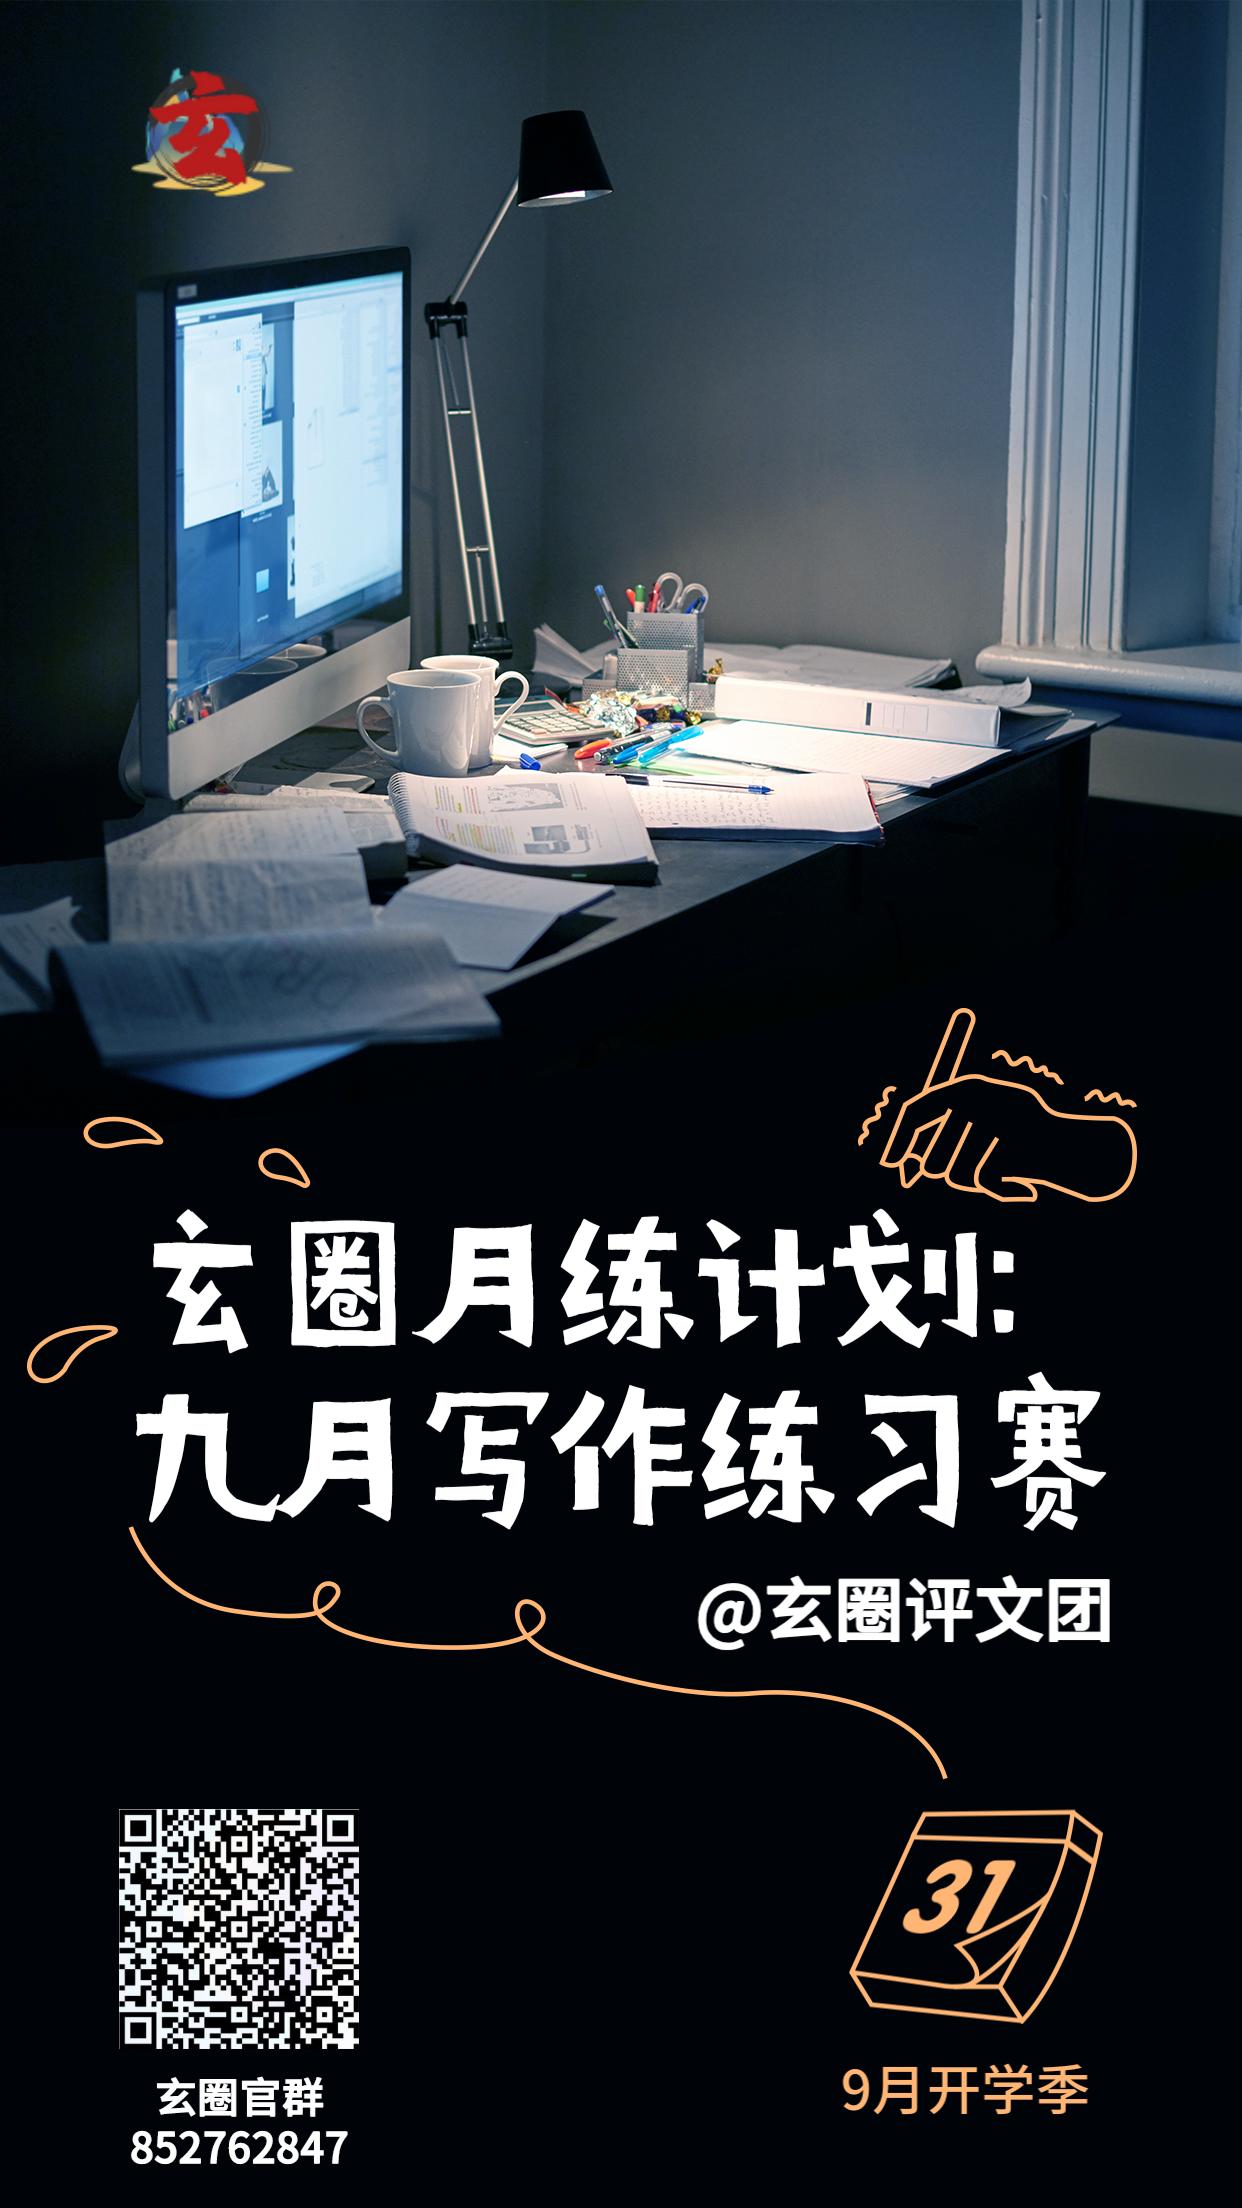 玄幻小说圈评文团,九月写作练习赛